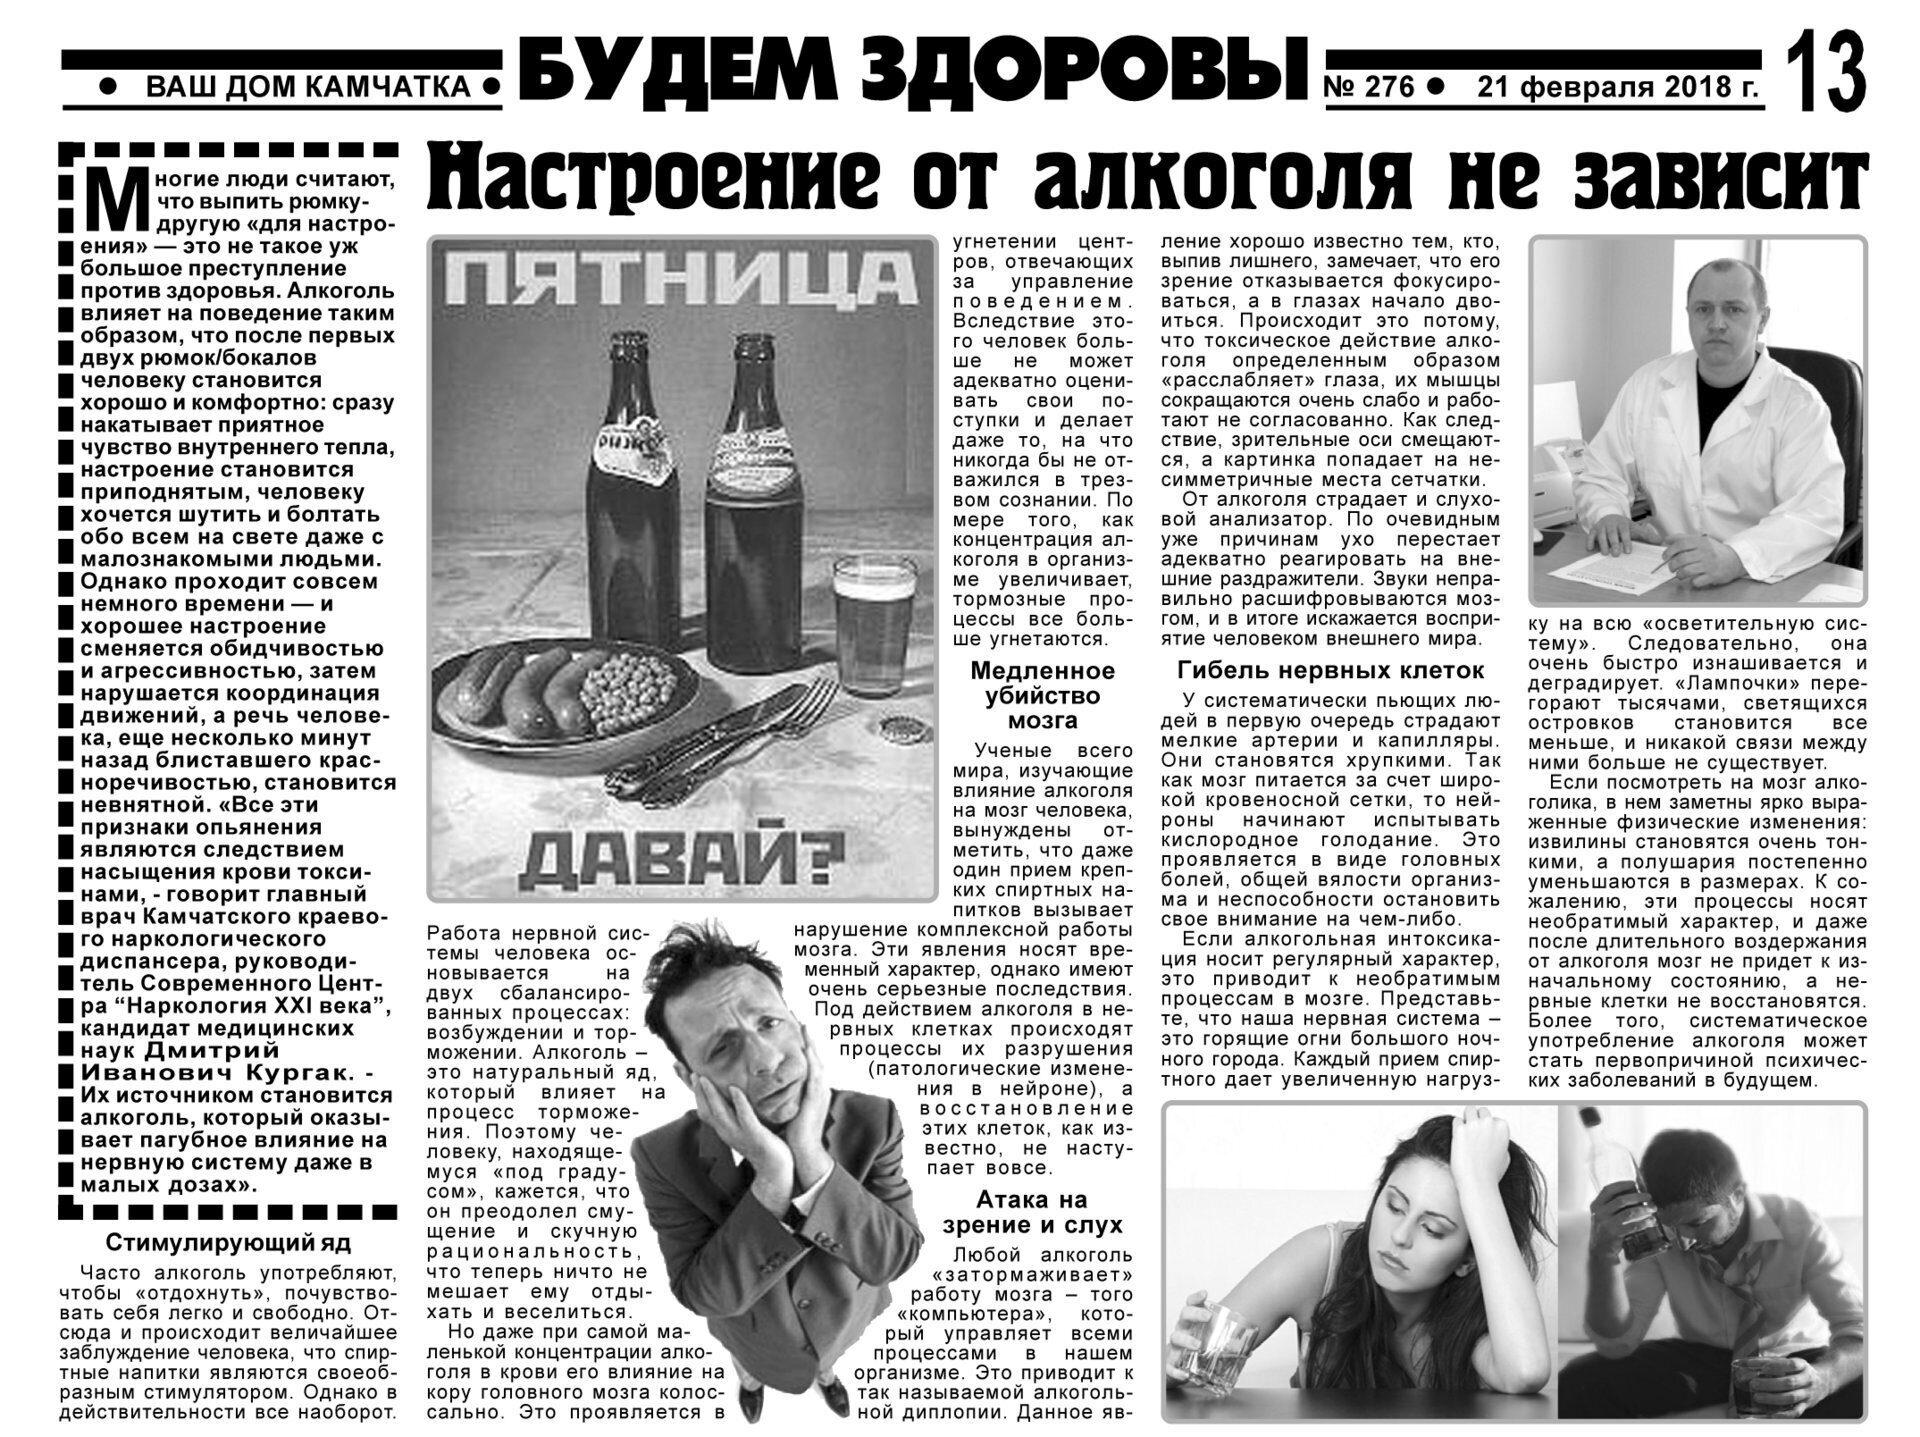 Публикация в газете Ваш Дом Камчатка №276